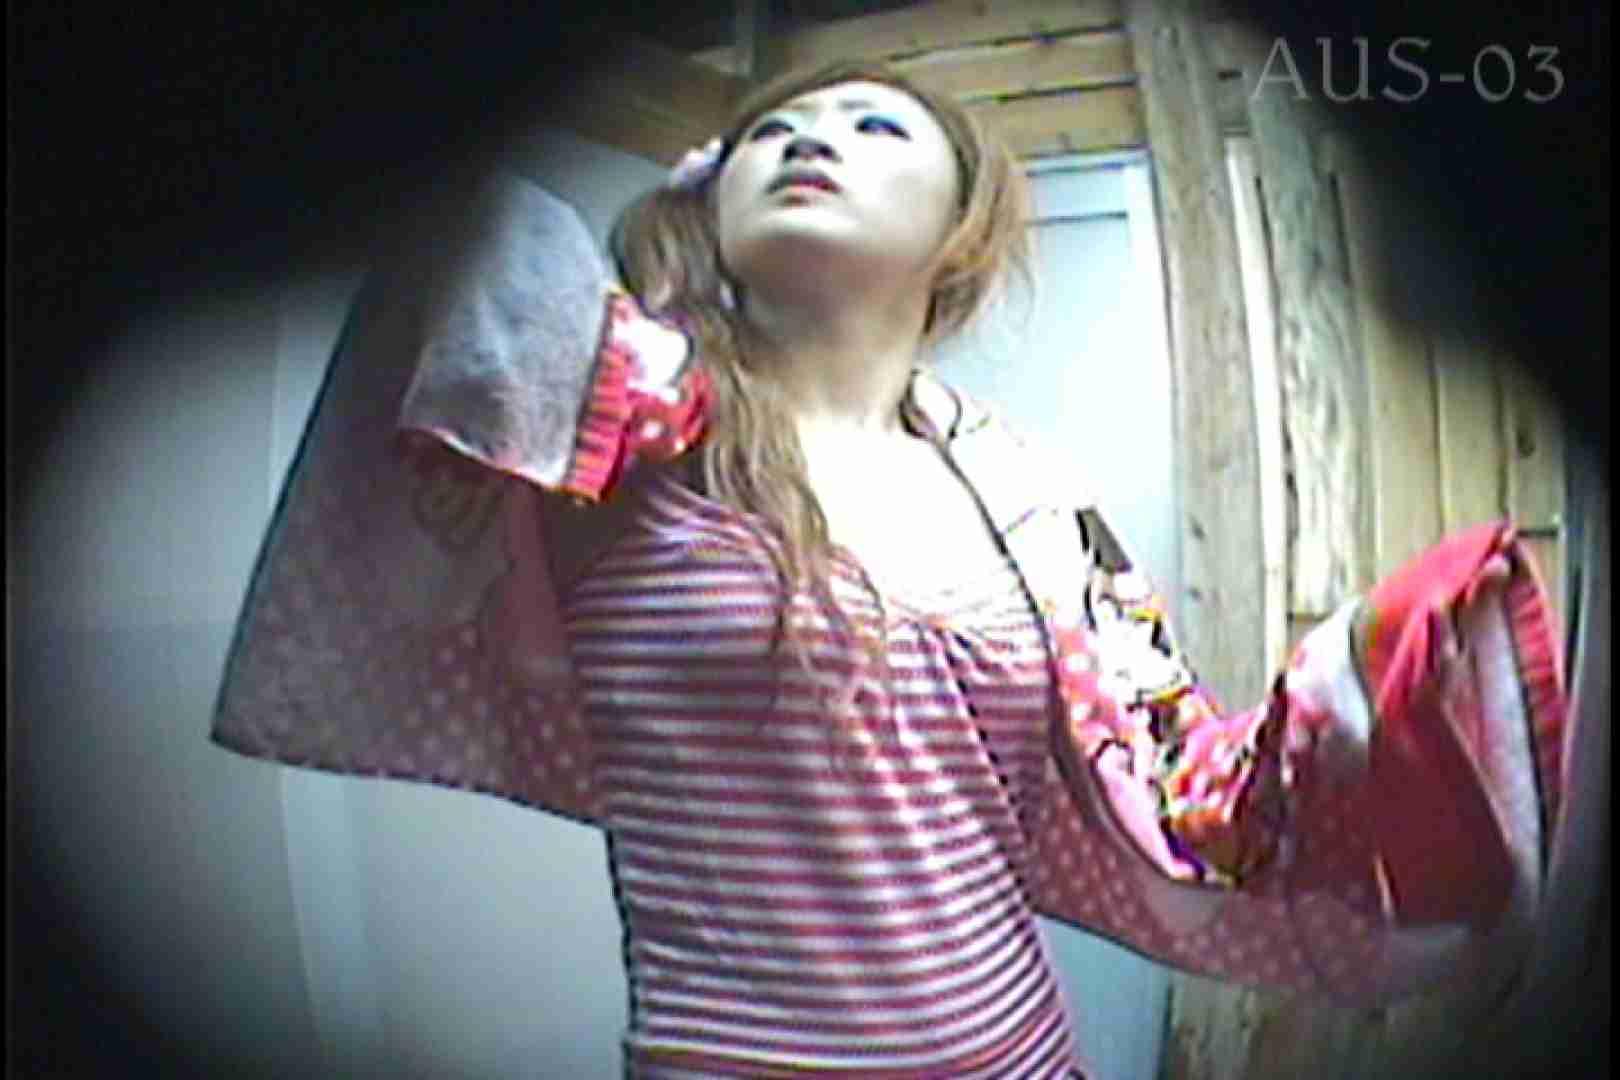 海の家の更衣室 Vol.14 シャワー おまんこ無修正動画無料 91画像 79